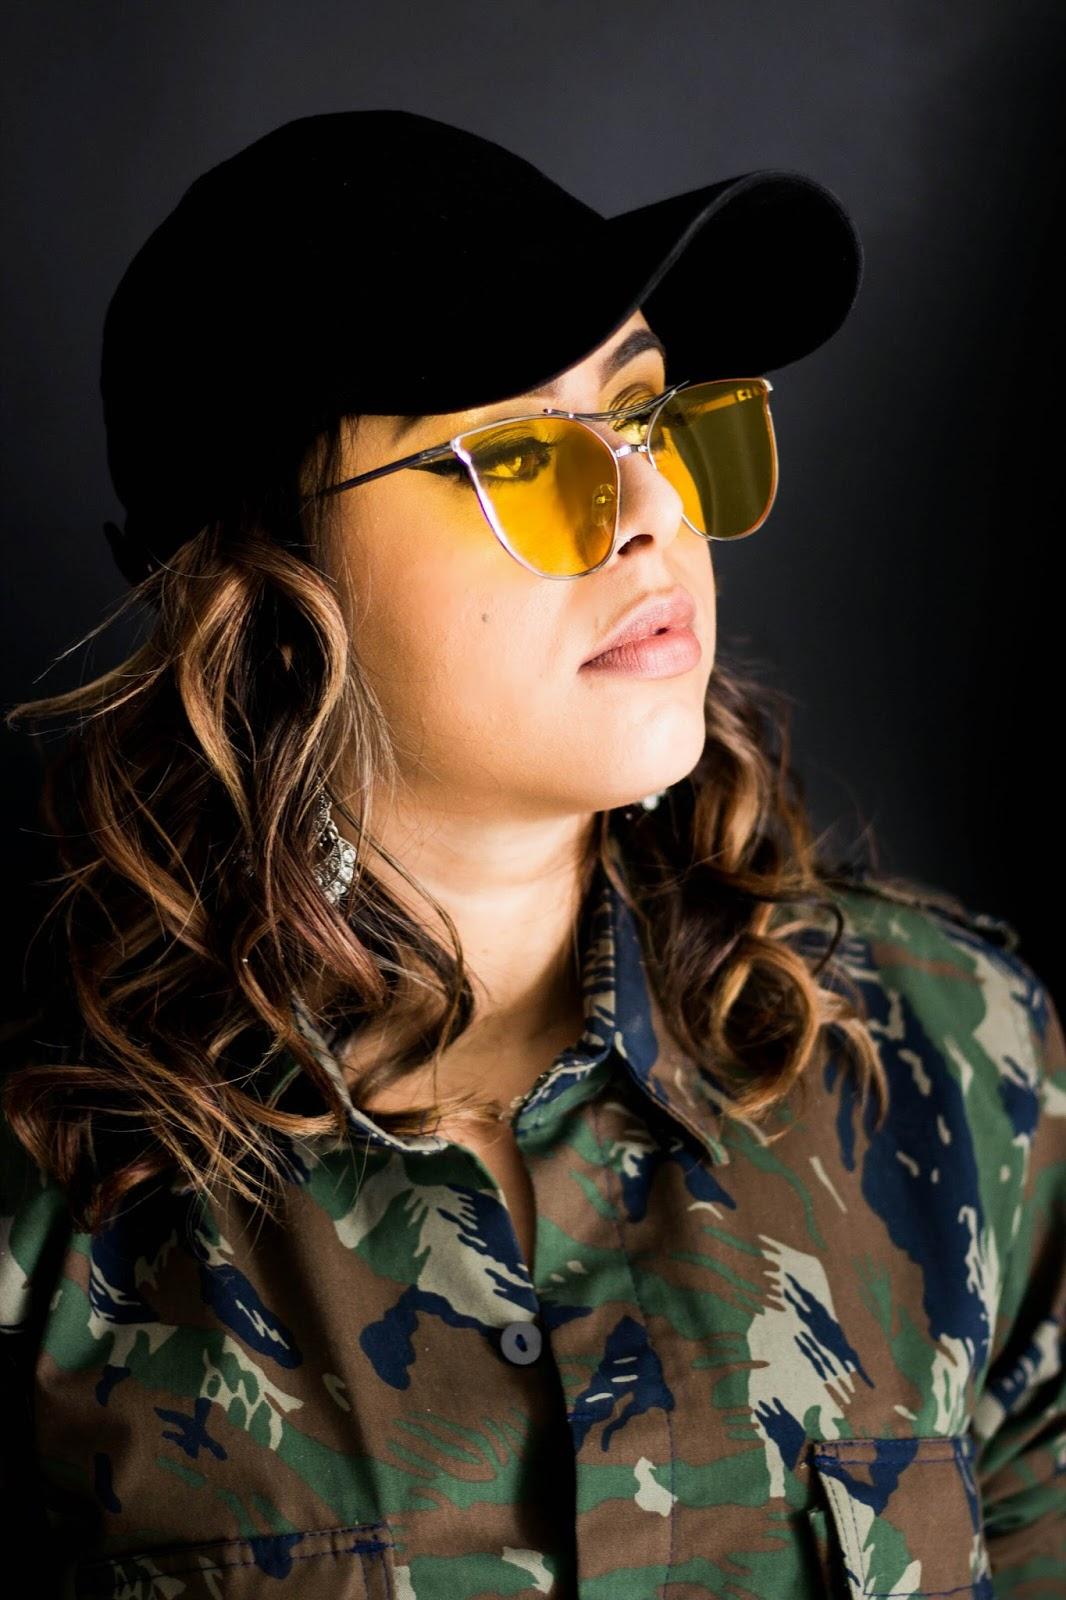 Se tem uma tendência forte de óculos para essa temporada, com certeza é o  óculos de sol com lente amarela – super clara e transparente, que você  enxerga os ... 4caccdb98e